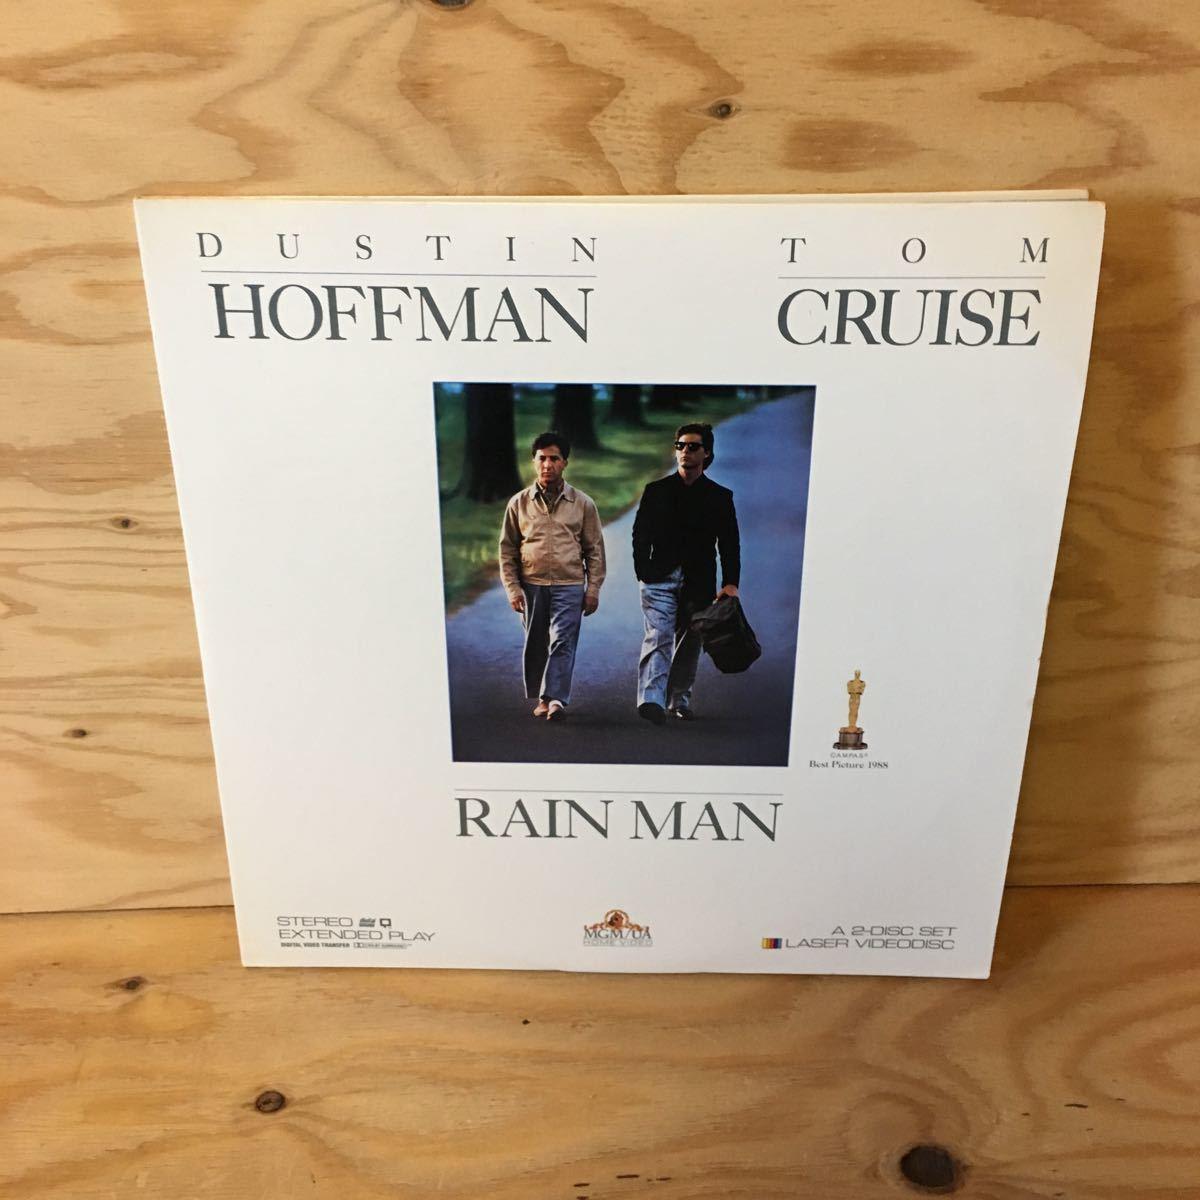 ◎Y3FIIB-200226 レア[RAIN MAN]LD レーザーディスク DUSTIN HOFFMAN BARRY LEVINSON_画像3